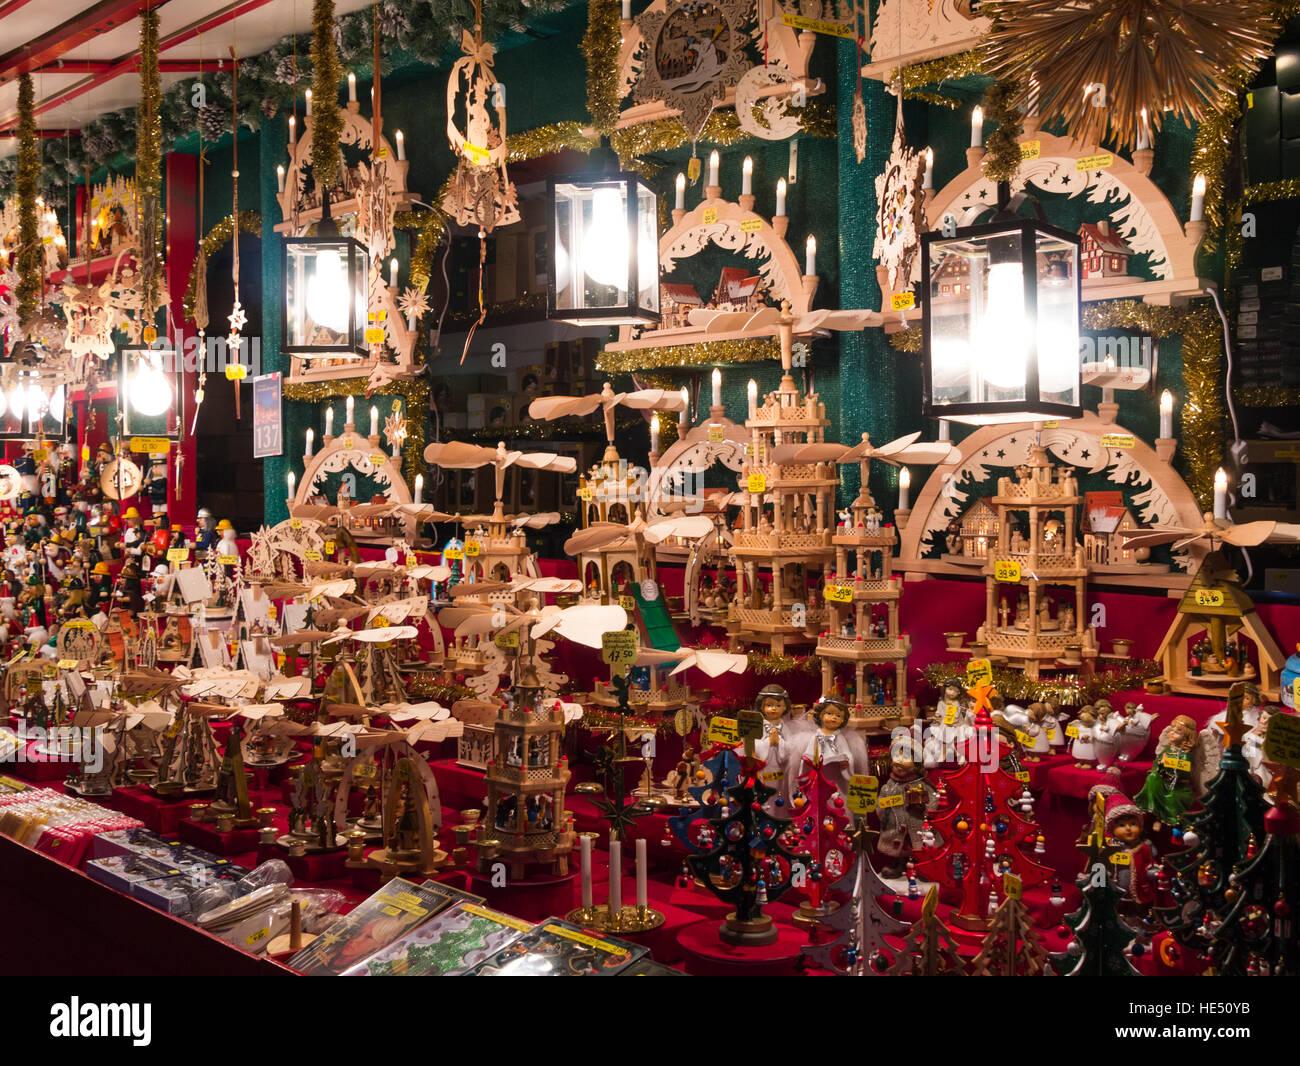 Nuremberg Christmas Market Stall Stock Photos & Nuremberg Christmas ...